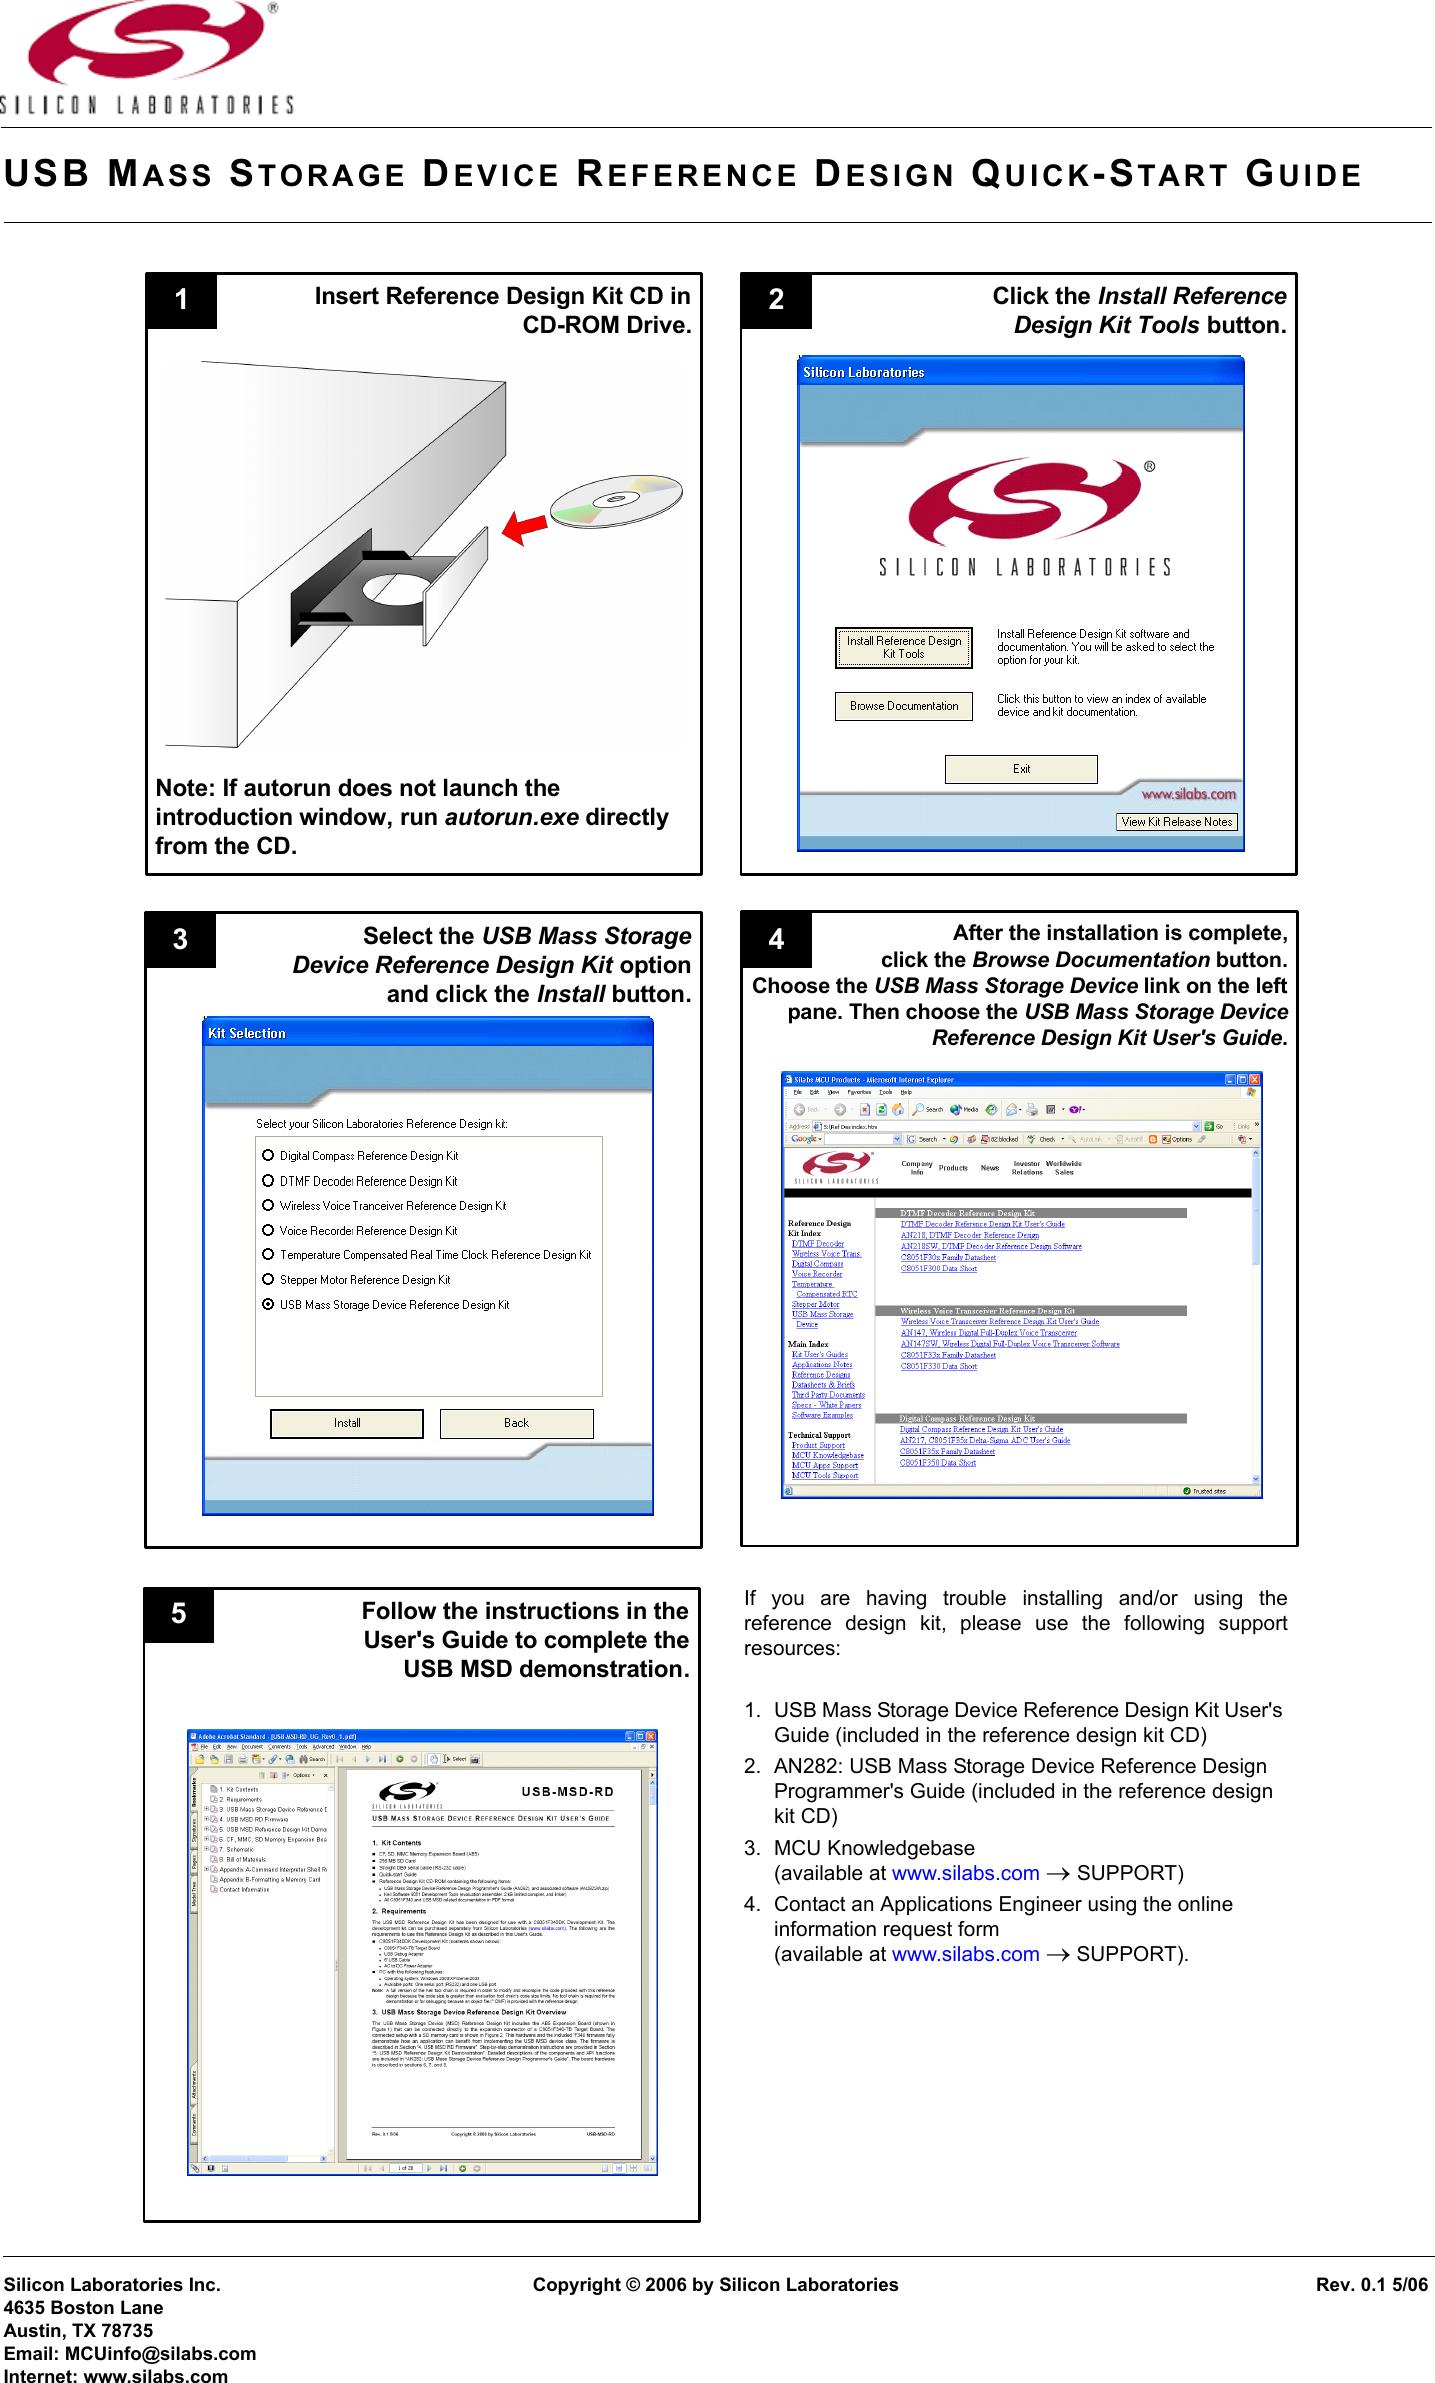 USB MSD RD_qs_guide_rev0_1 RD Qs Guide